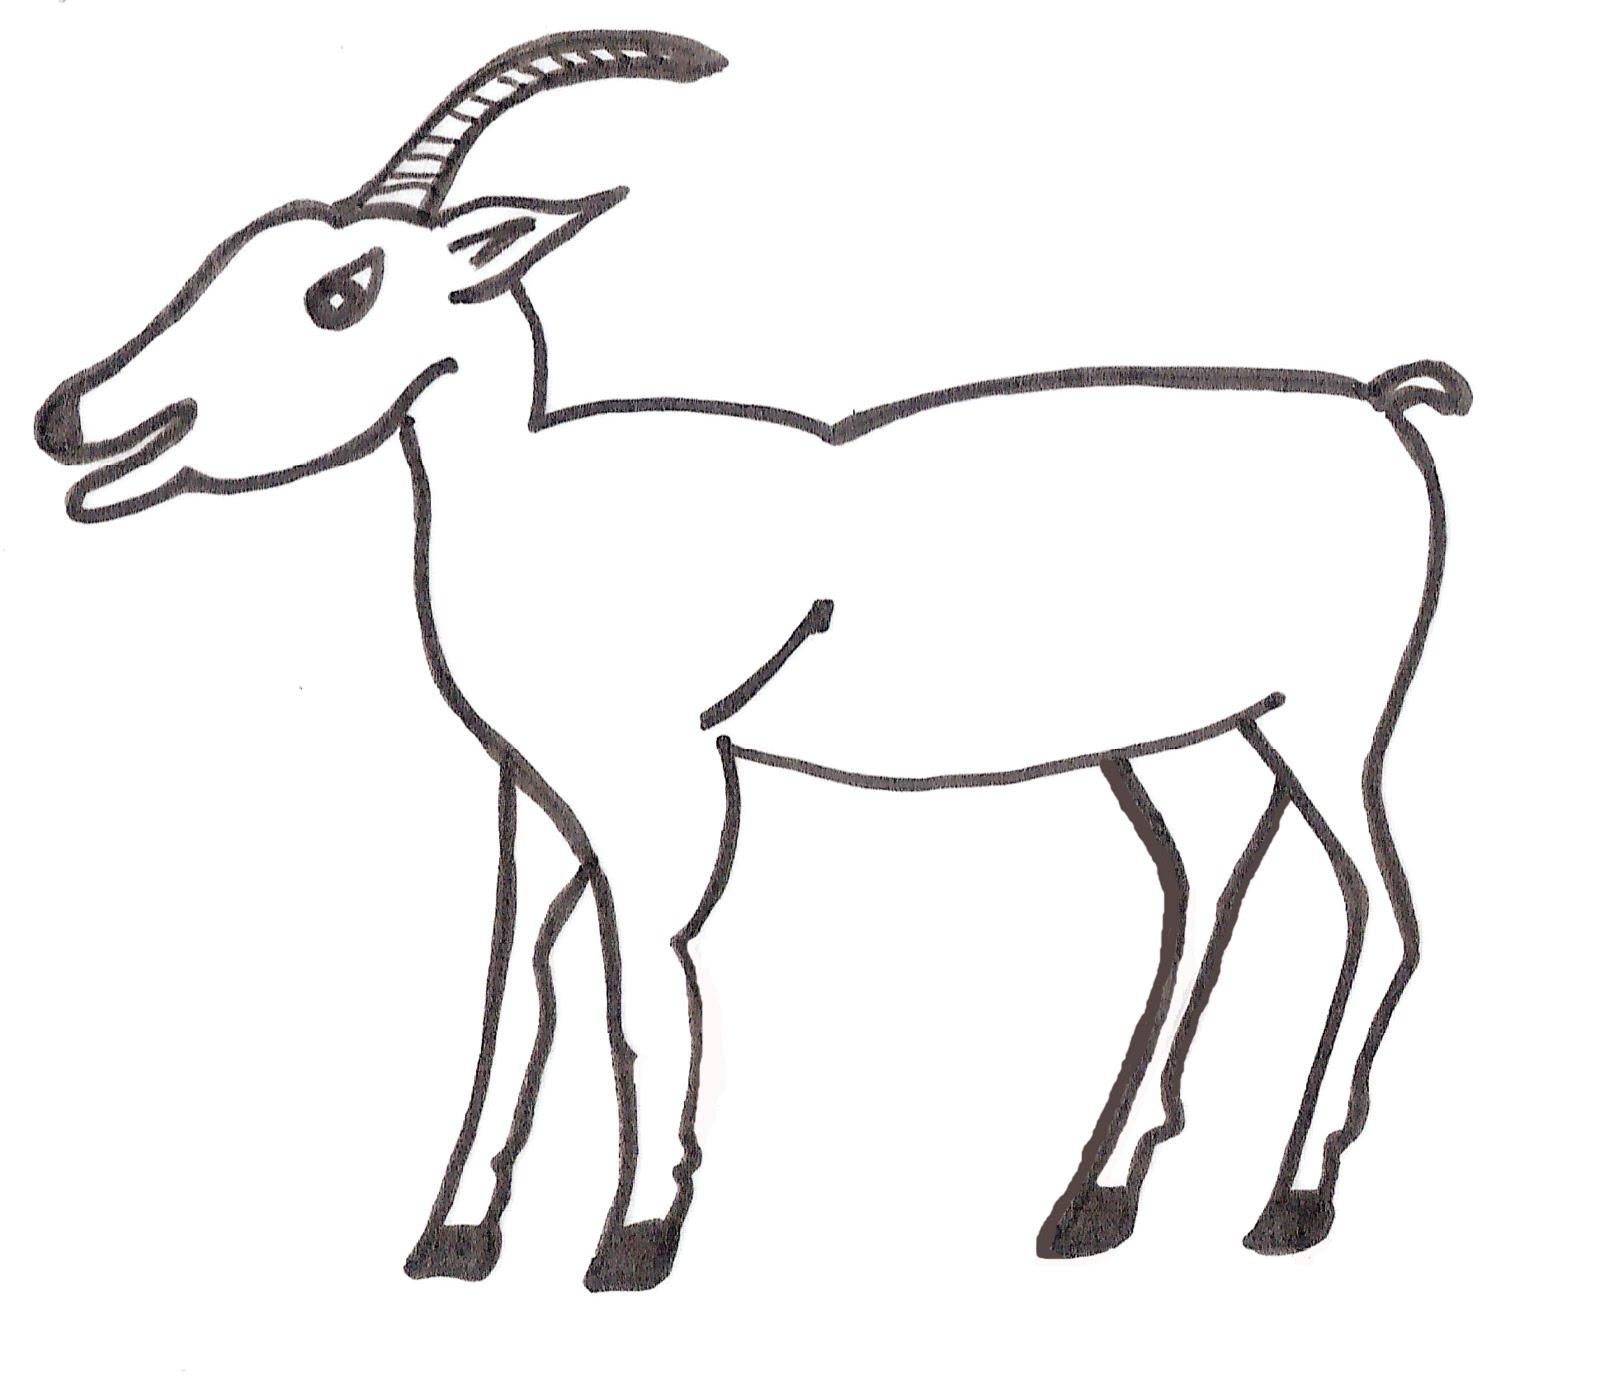 A cabra do capiroto